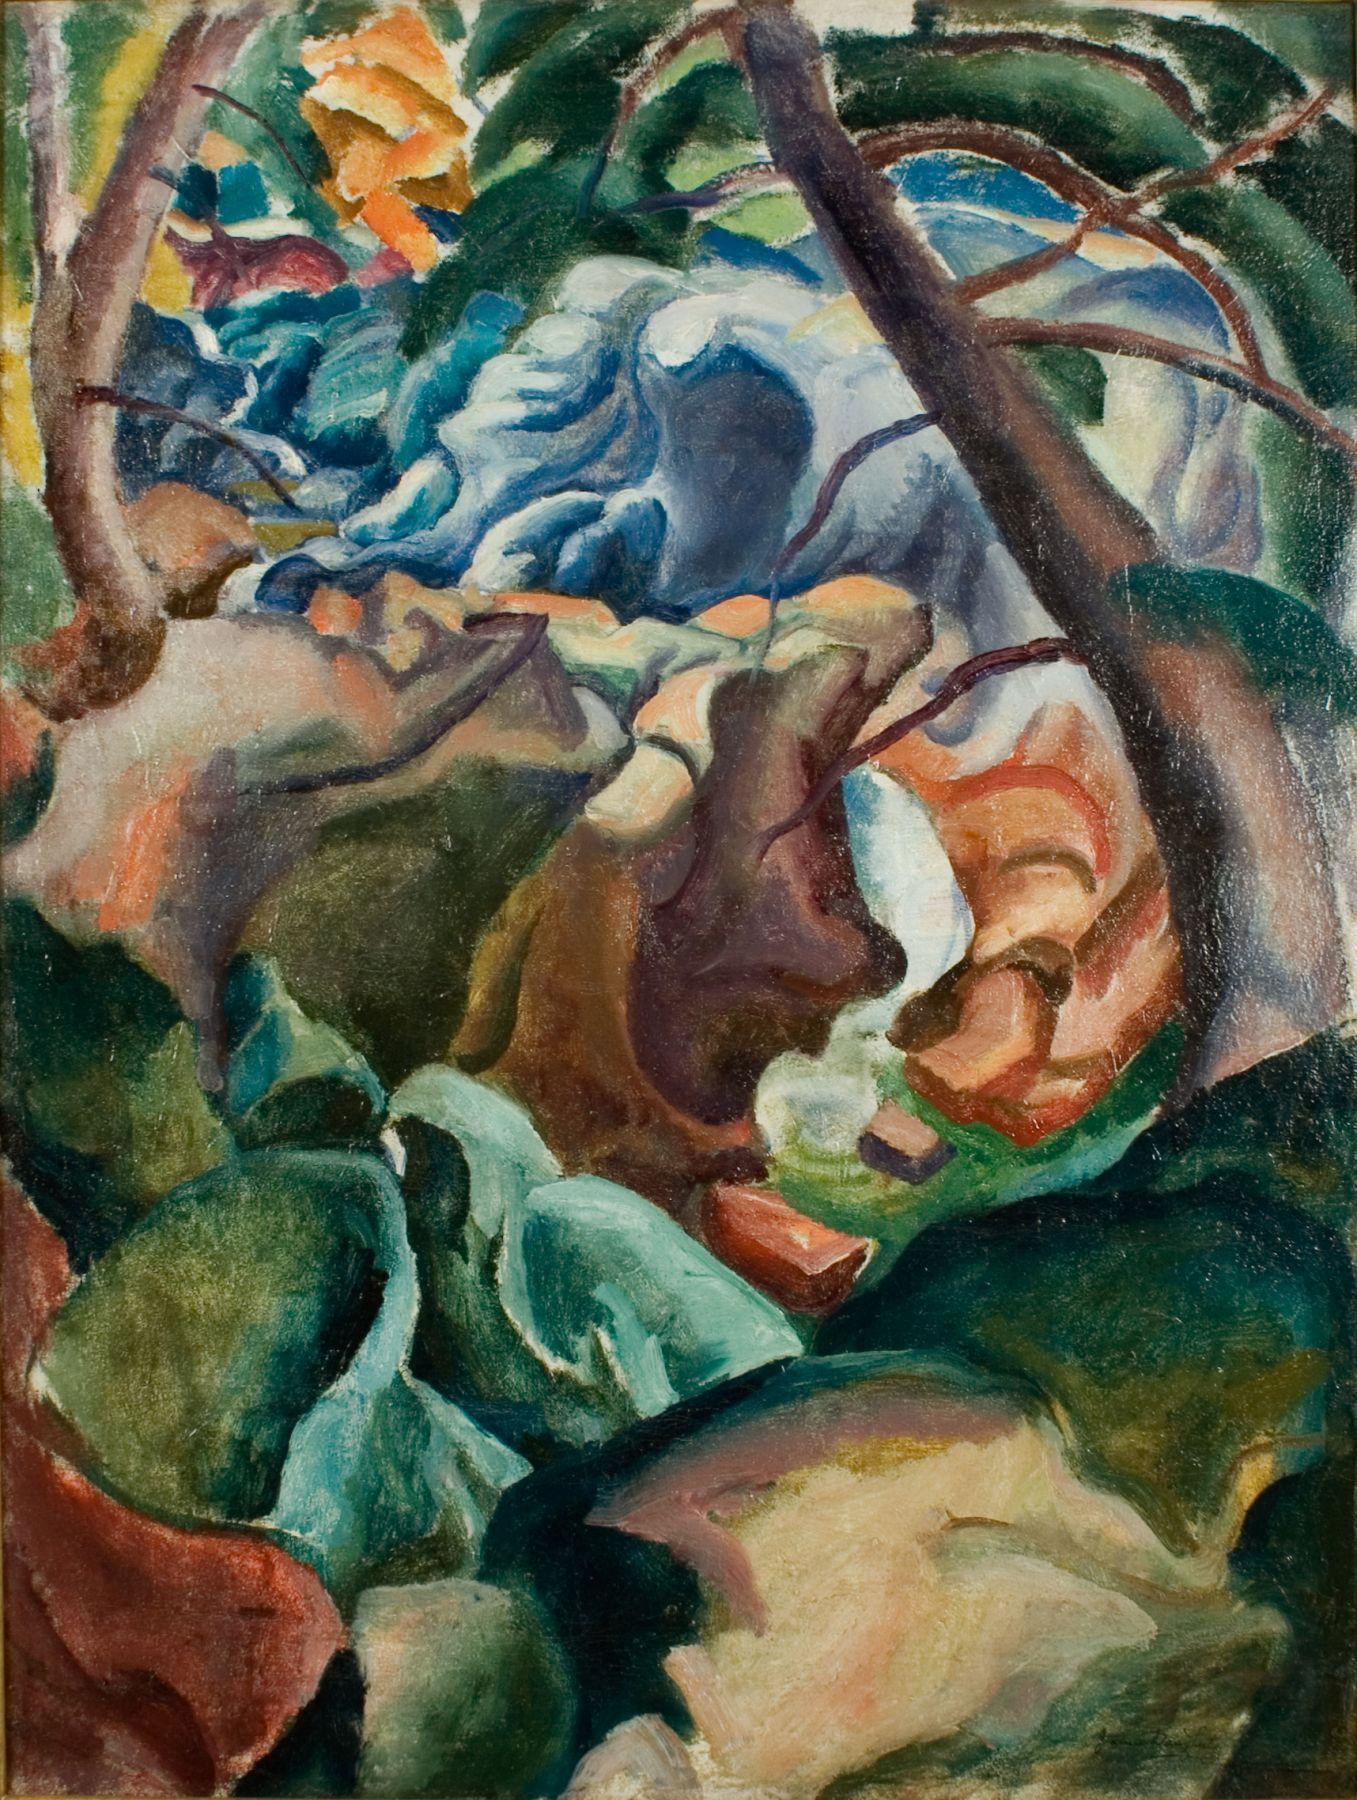 James H. Daugherty, Synchromist Landscape: Devils Glen, Weston, Connecticut, c.1927, oil on canvas, 40 x 30 inches